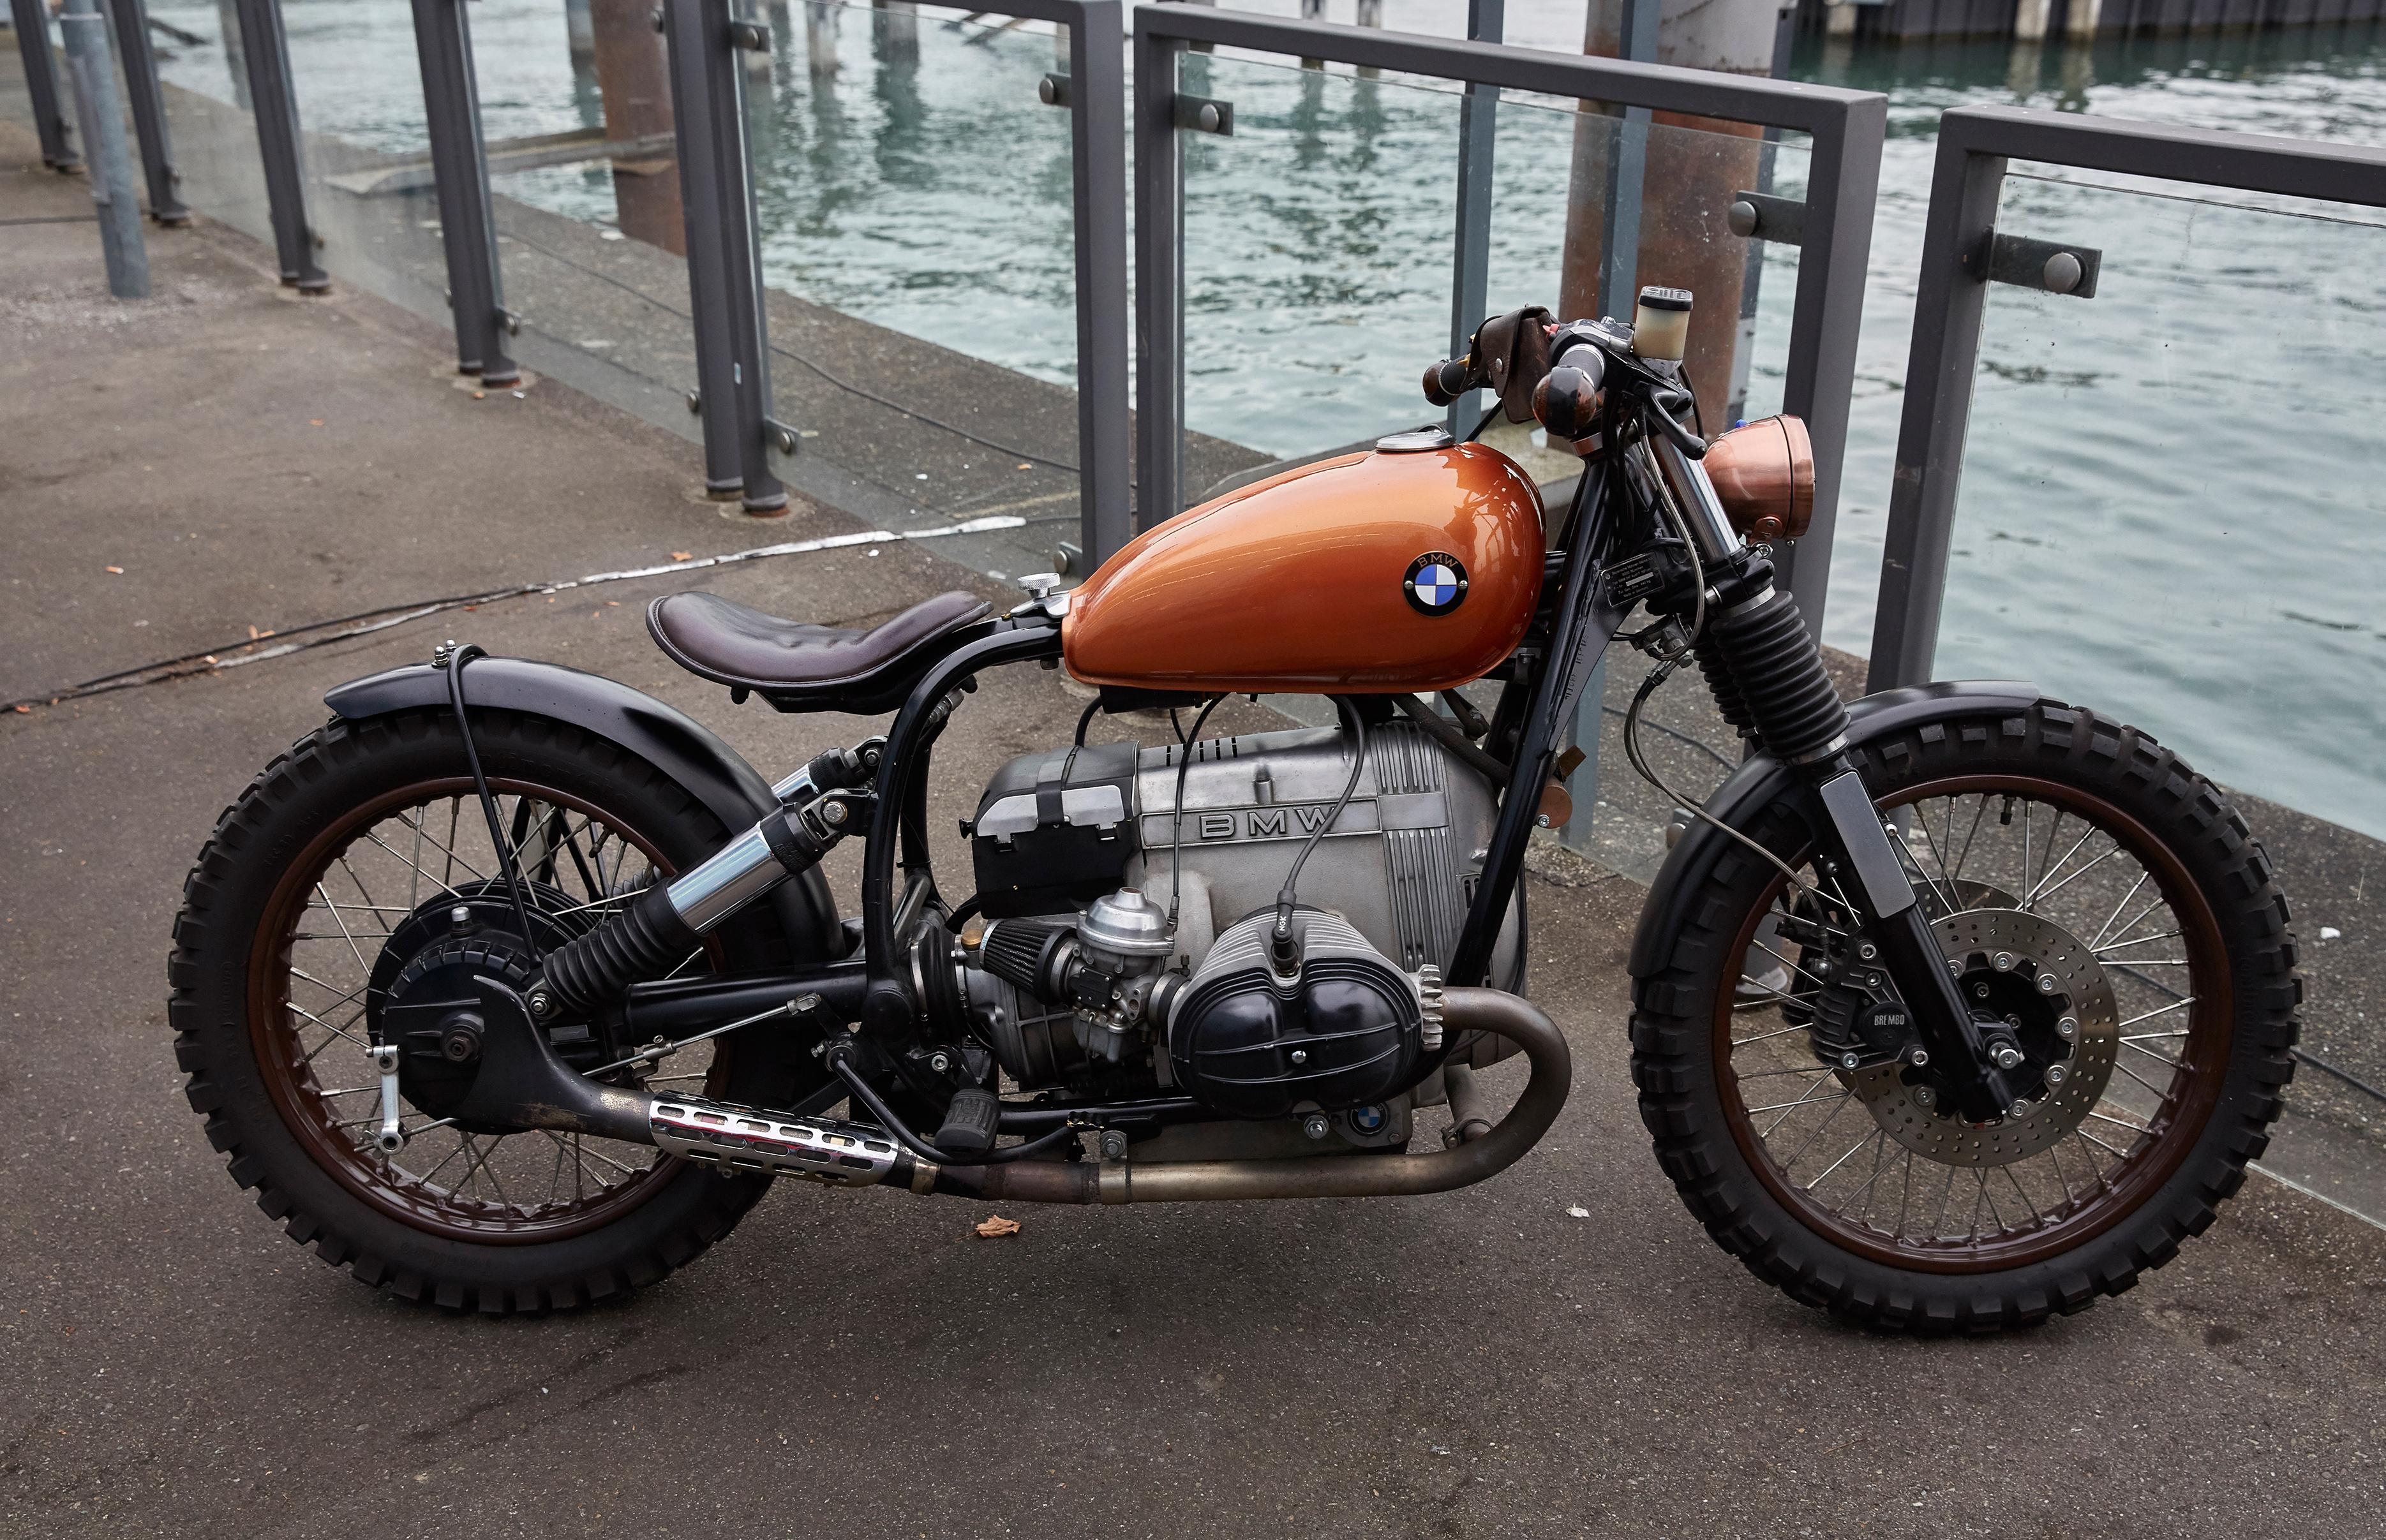 baggrunde cykel bmw motorcykel chopper biker krydser hjul teknik motorcykler jord. Black Bedroom Furniture Sets. Home Design Ideas